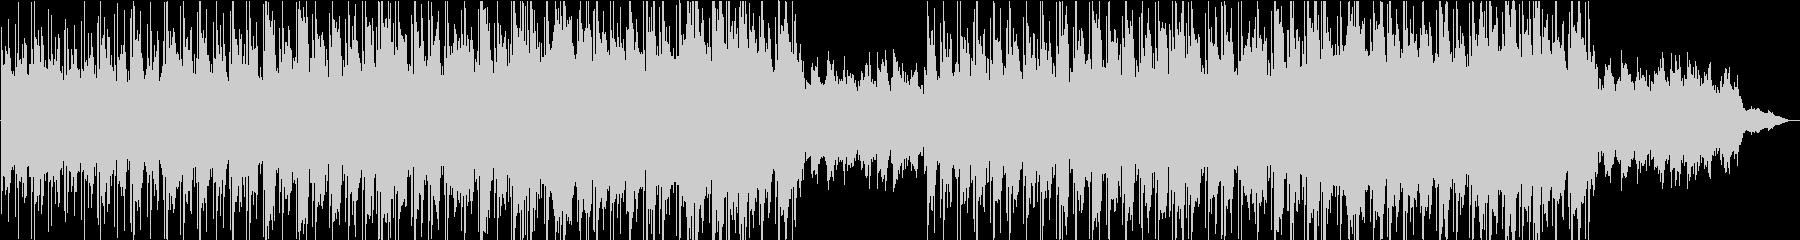 物語の始まりに合うキラキラとしたピアノの未再生の波形